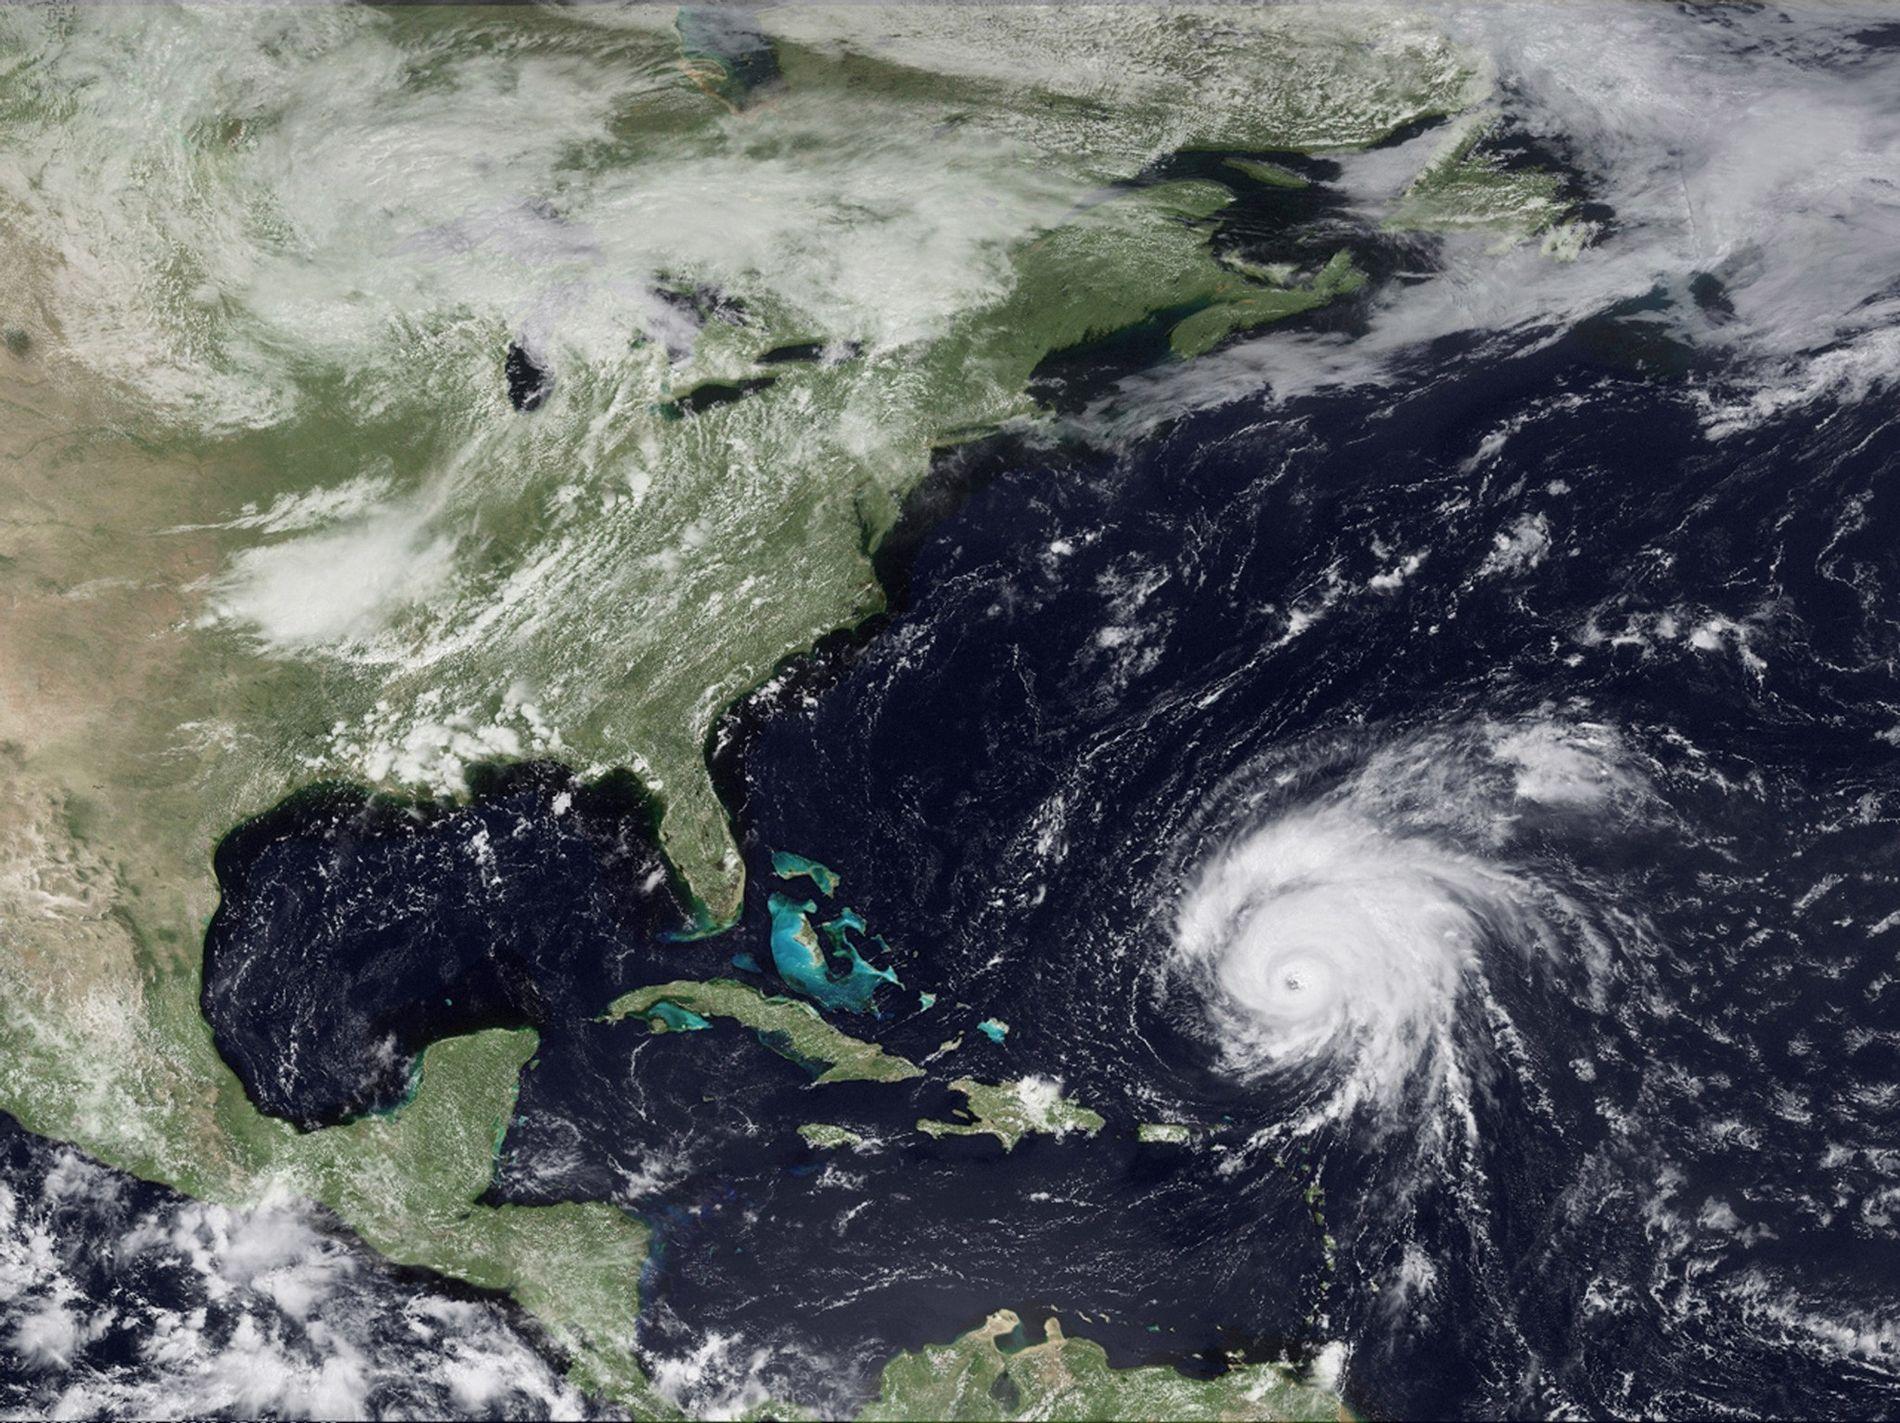 Para generar estos fenómenos, deben producirse tormentas enormes en un área con la configuración geológica adecuada. Por ejemplo, el huracán Bill, que vemos en una imagen por satélite de 2009, provocó estos fenómenos a su paso por Georges Bank, en la costa de Nueva Inglaterra, Estados Unidos.